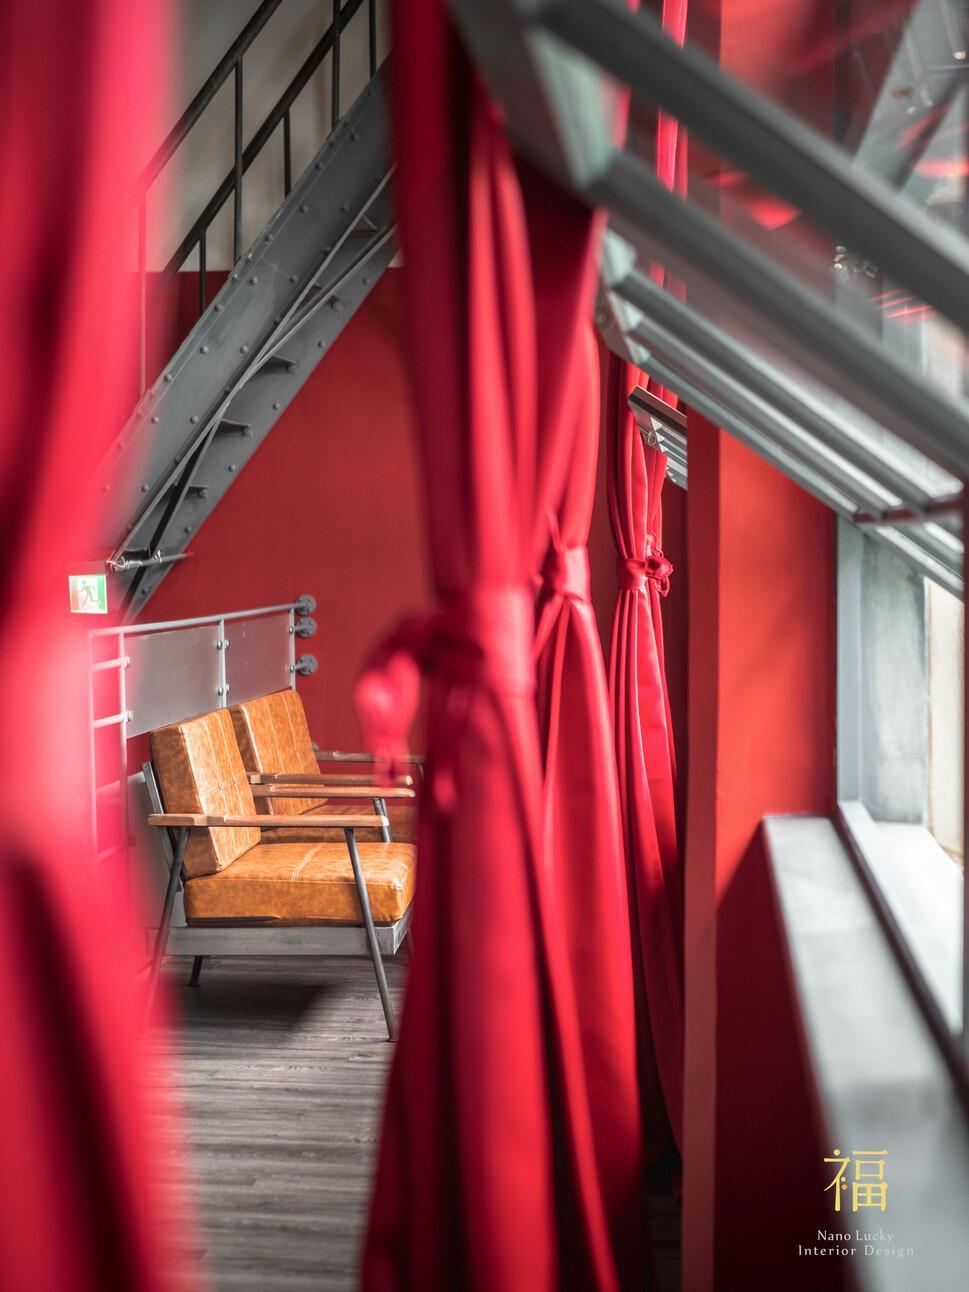 國王蝴蝶秘密基地roicafe咖啡廳-帝王紅色調配色|小福砌商業咖啡廳空間設計